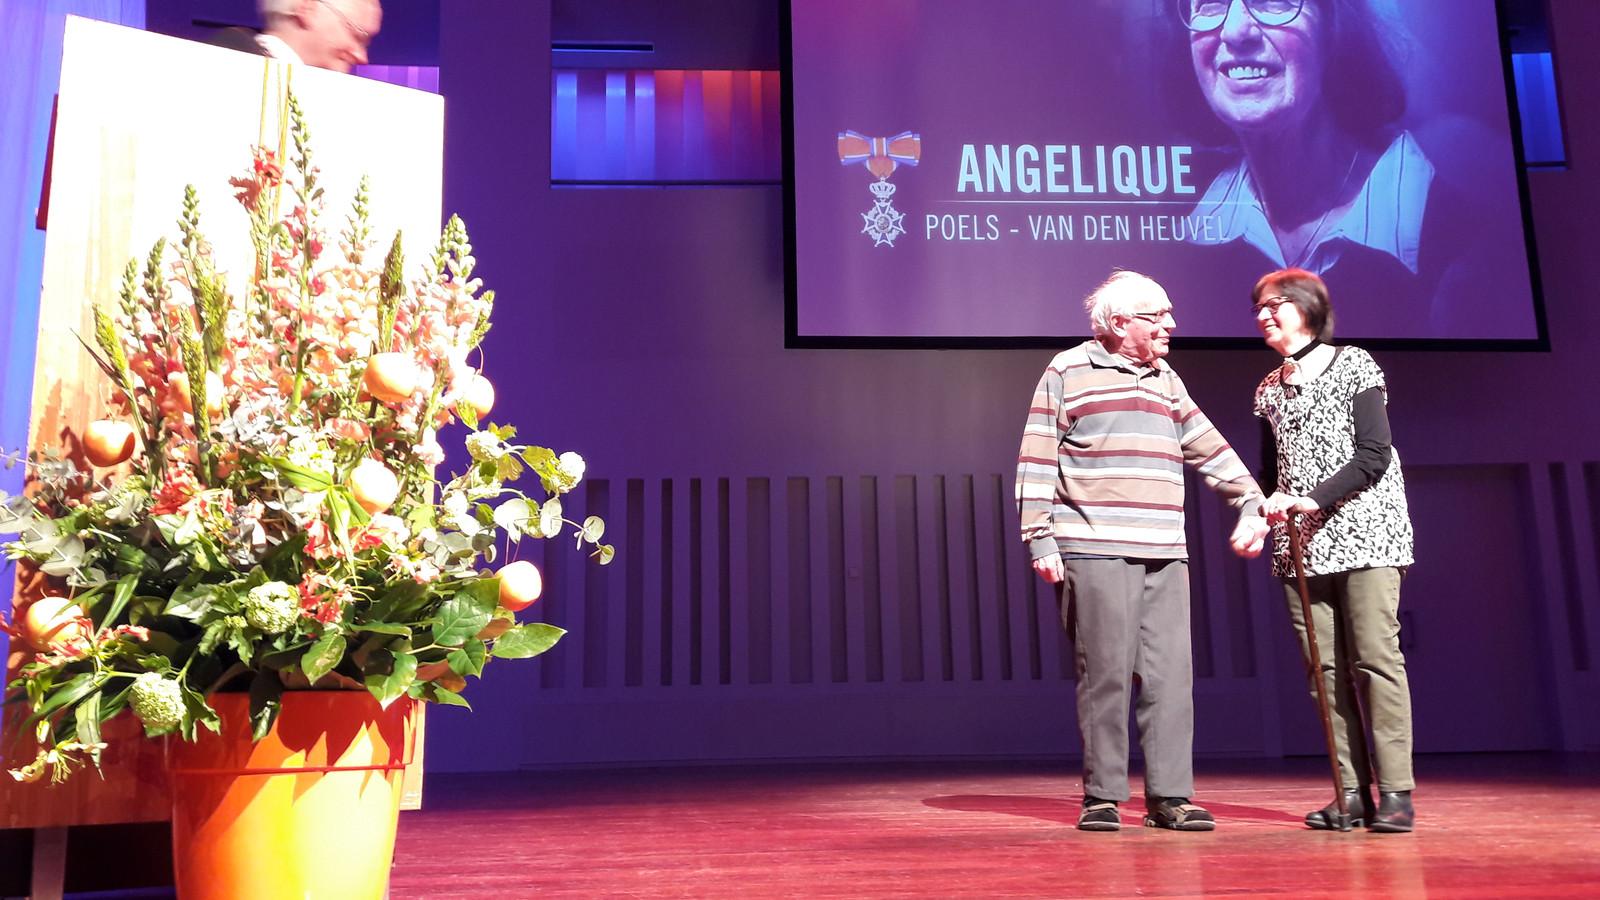 Ook Angelique Poels kreeg een onderscheiding.